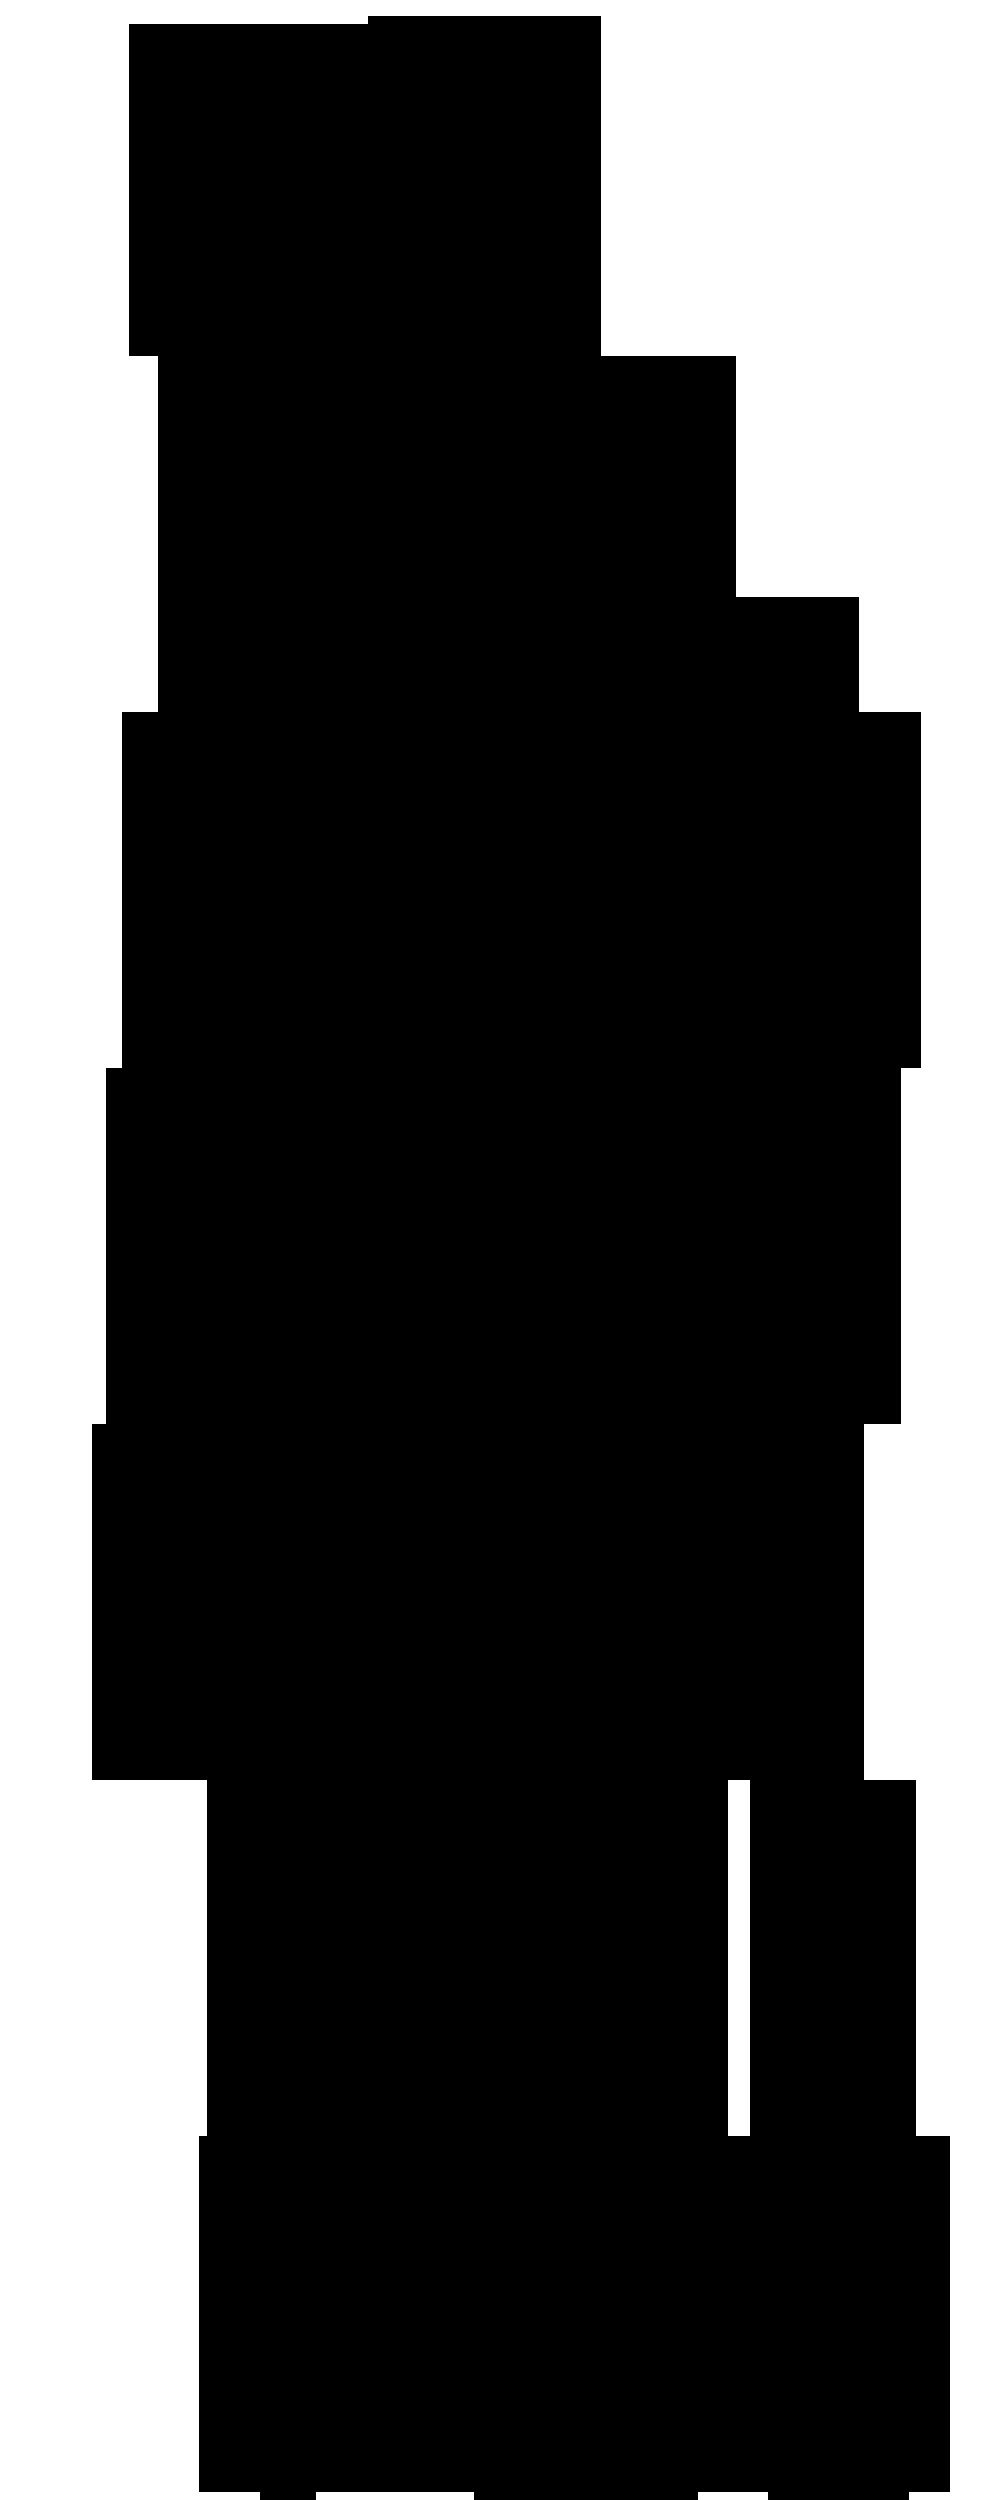 dbz mystic gohan lineart by kiranbenning on deviantart